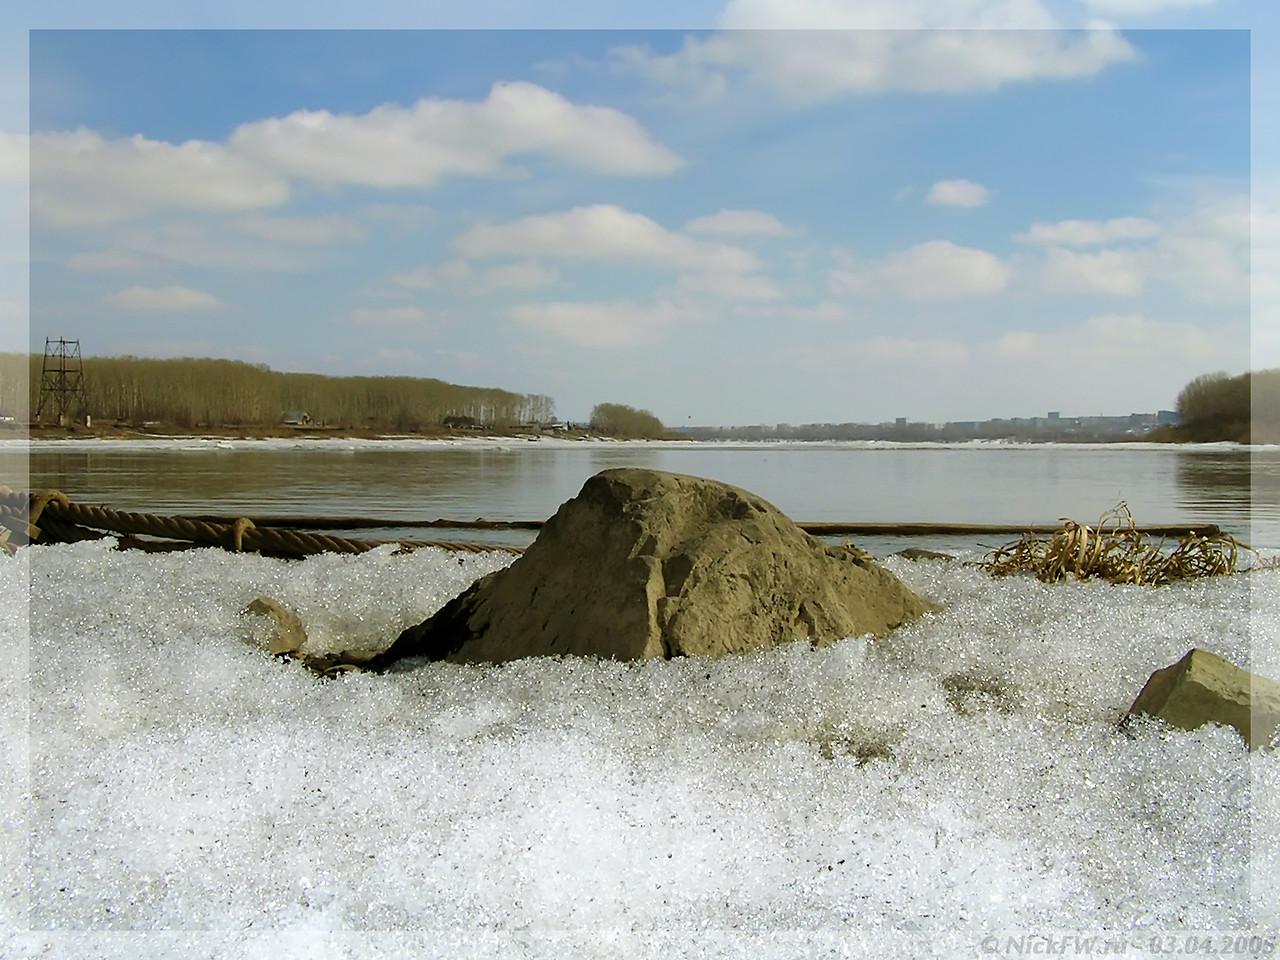 Трос и камень... [© NickFW - 03.04.2005]